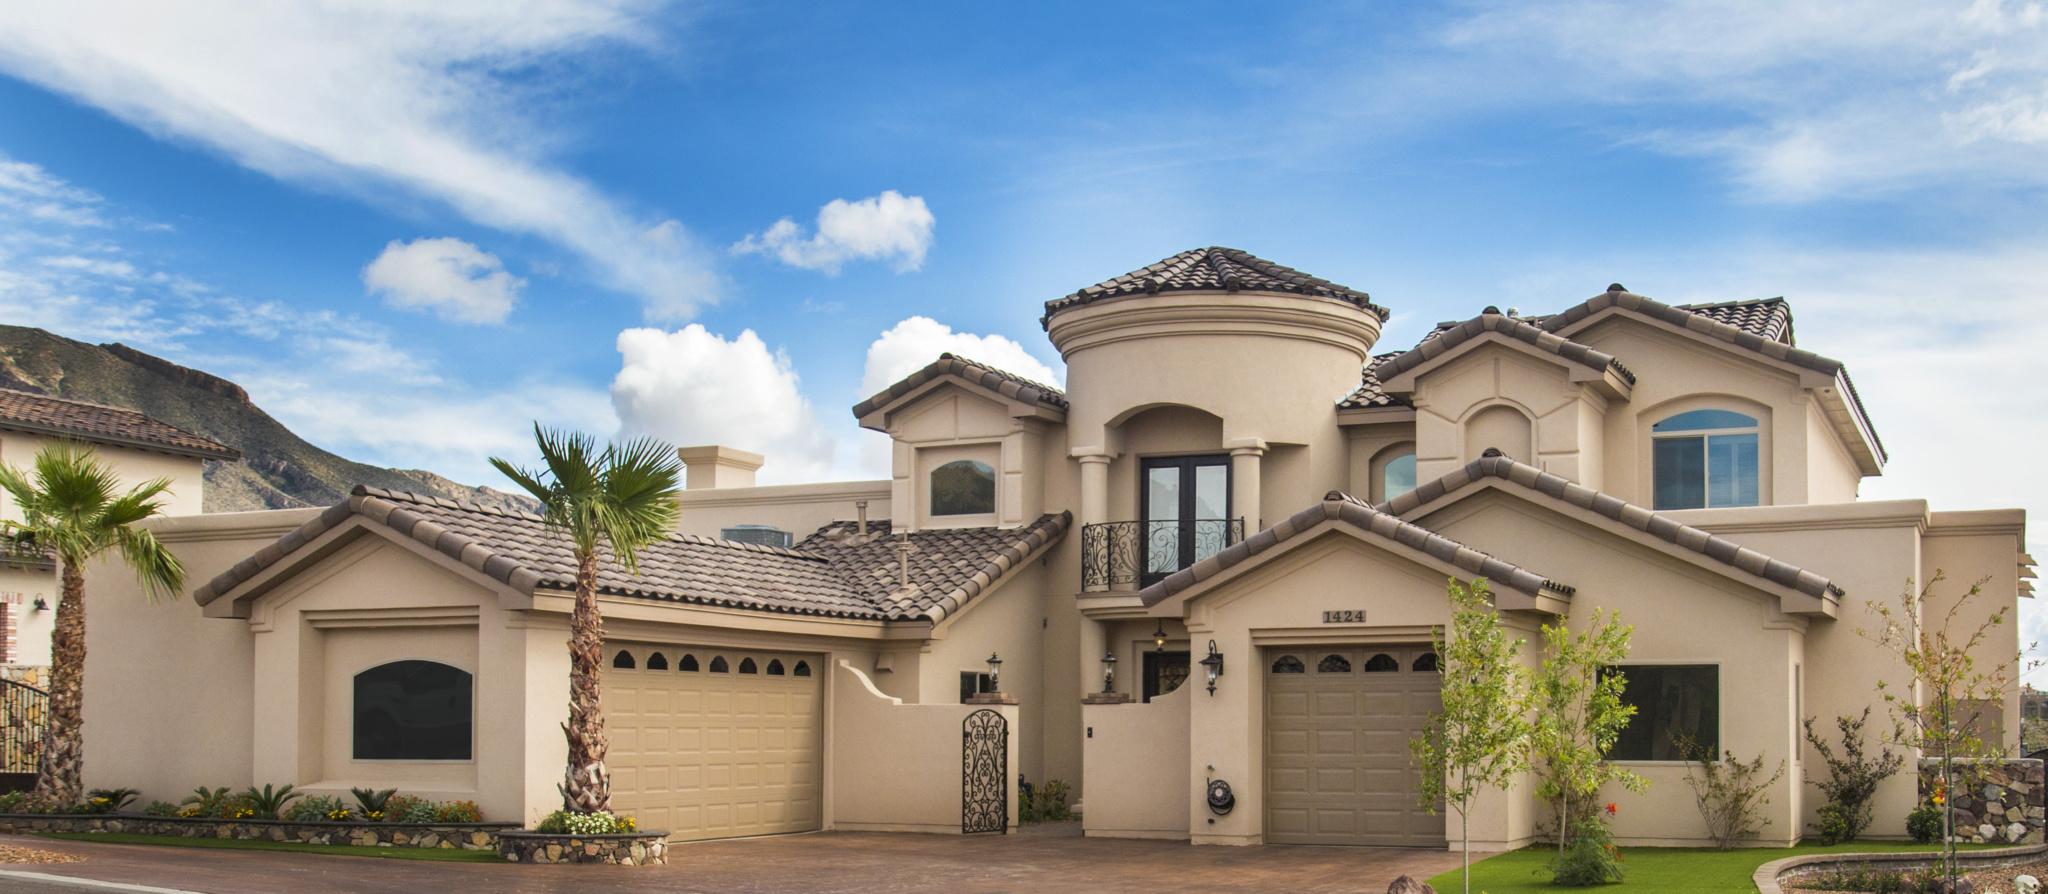 El Paso Home Builders